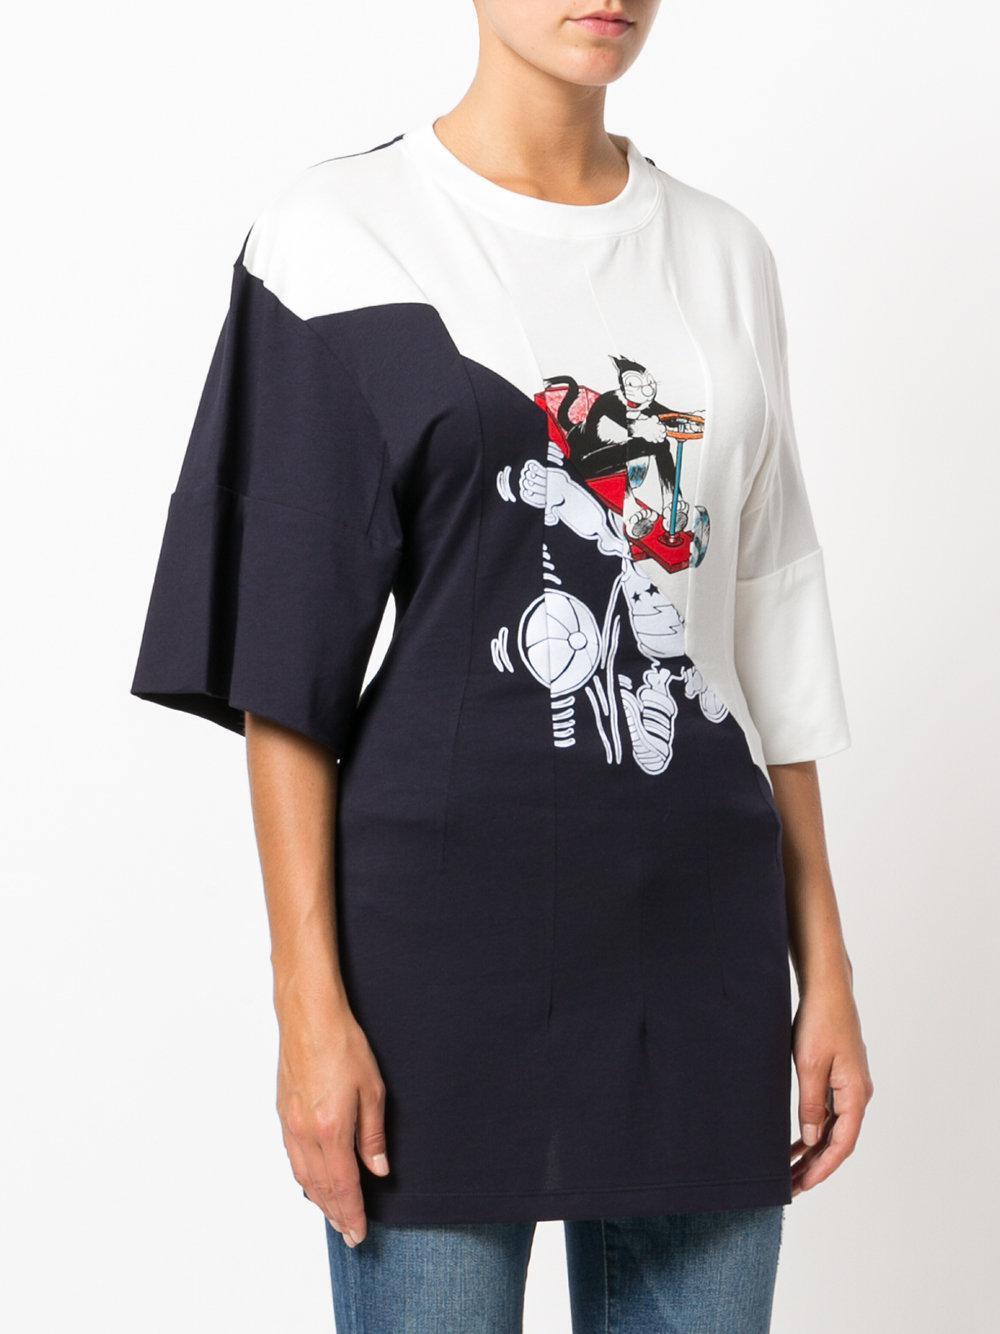 Vente Pas Cher Confortable Stella McCartney Korky the Cat T-shirt Réduction Ebay Nouveau Pas Cher Emplacements De Magasin De Sortie WrXmnKcA